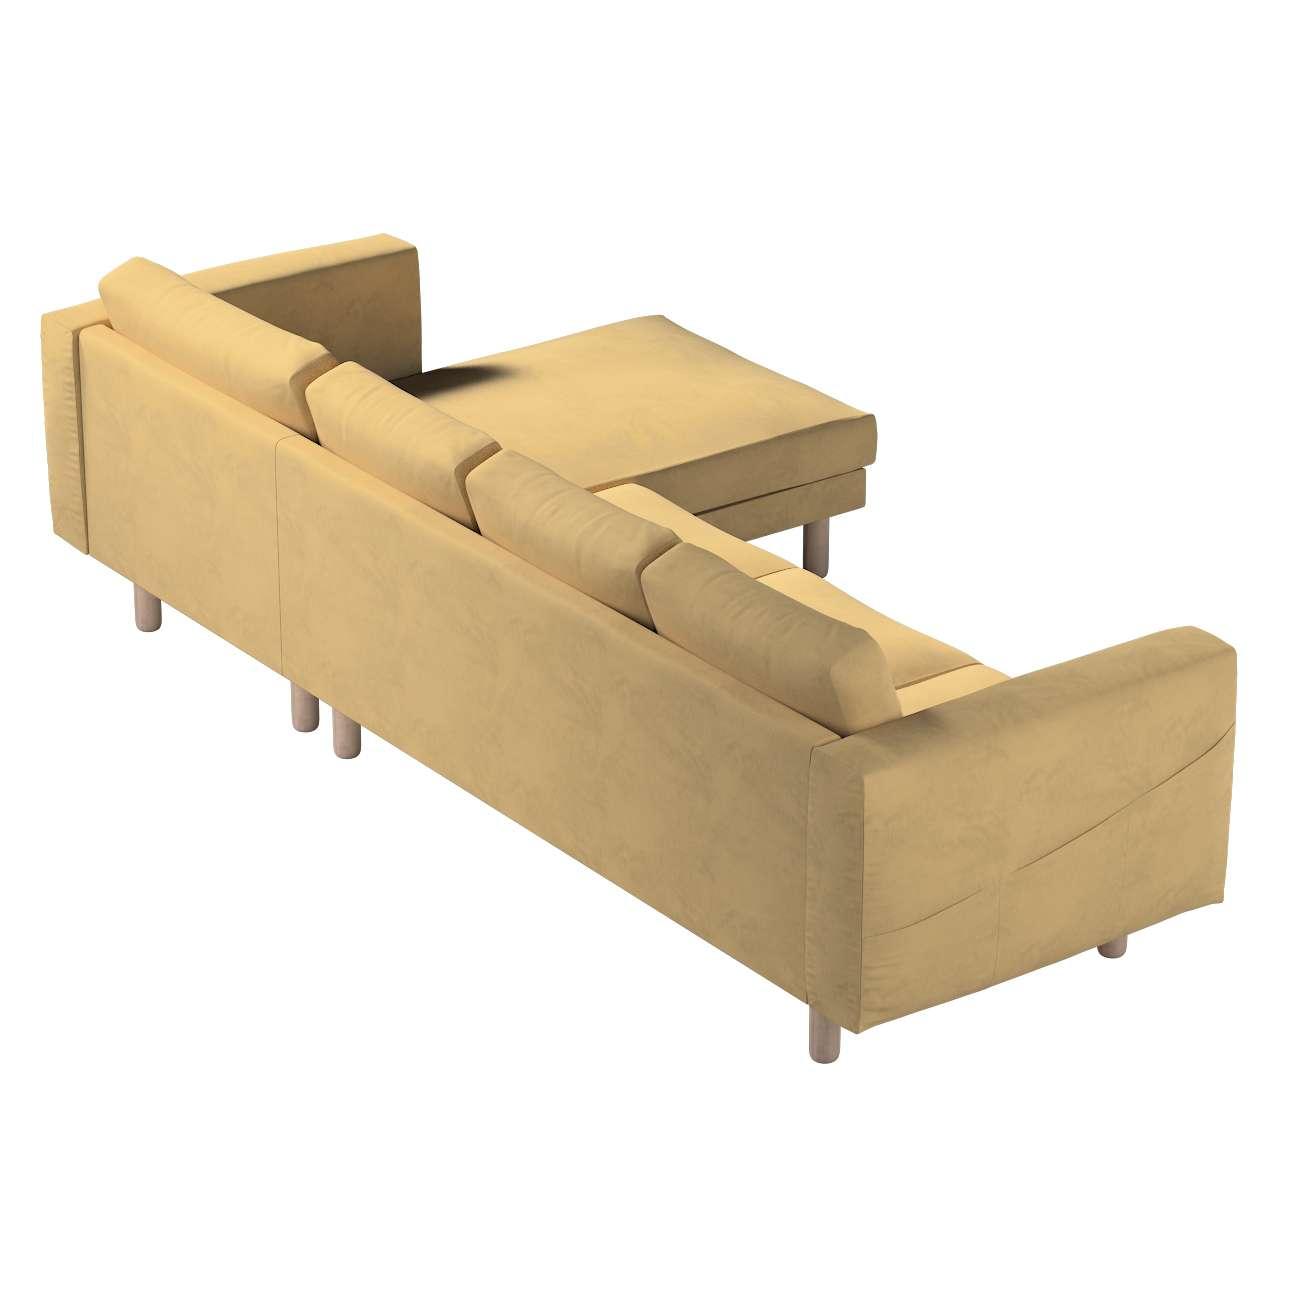 Pokrowiec na sofę Norsborg 4-osobową z szezlongiem w kolekcji Living, tkanina: 160-93